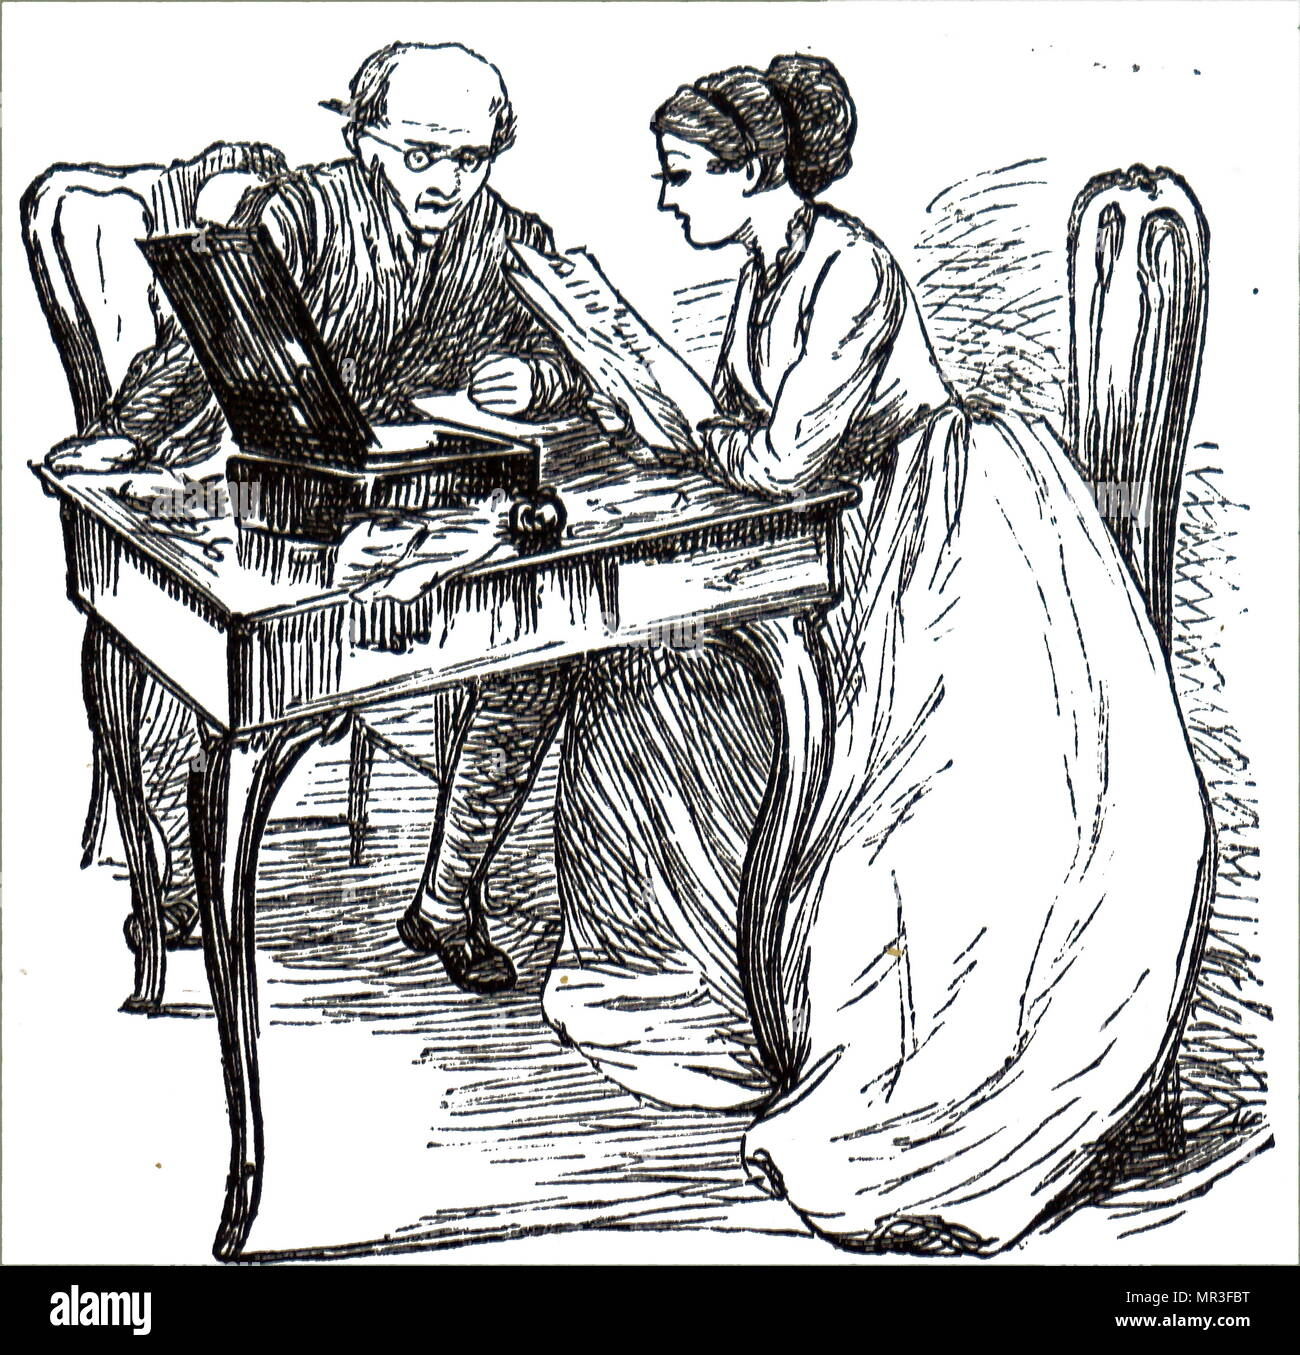 Illustrazione raffigurante una giovane donna ri-leggere una lettera che aveva appena scritto a suo padre. Datata del XIX secolo Immagini Stock